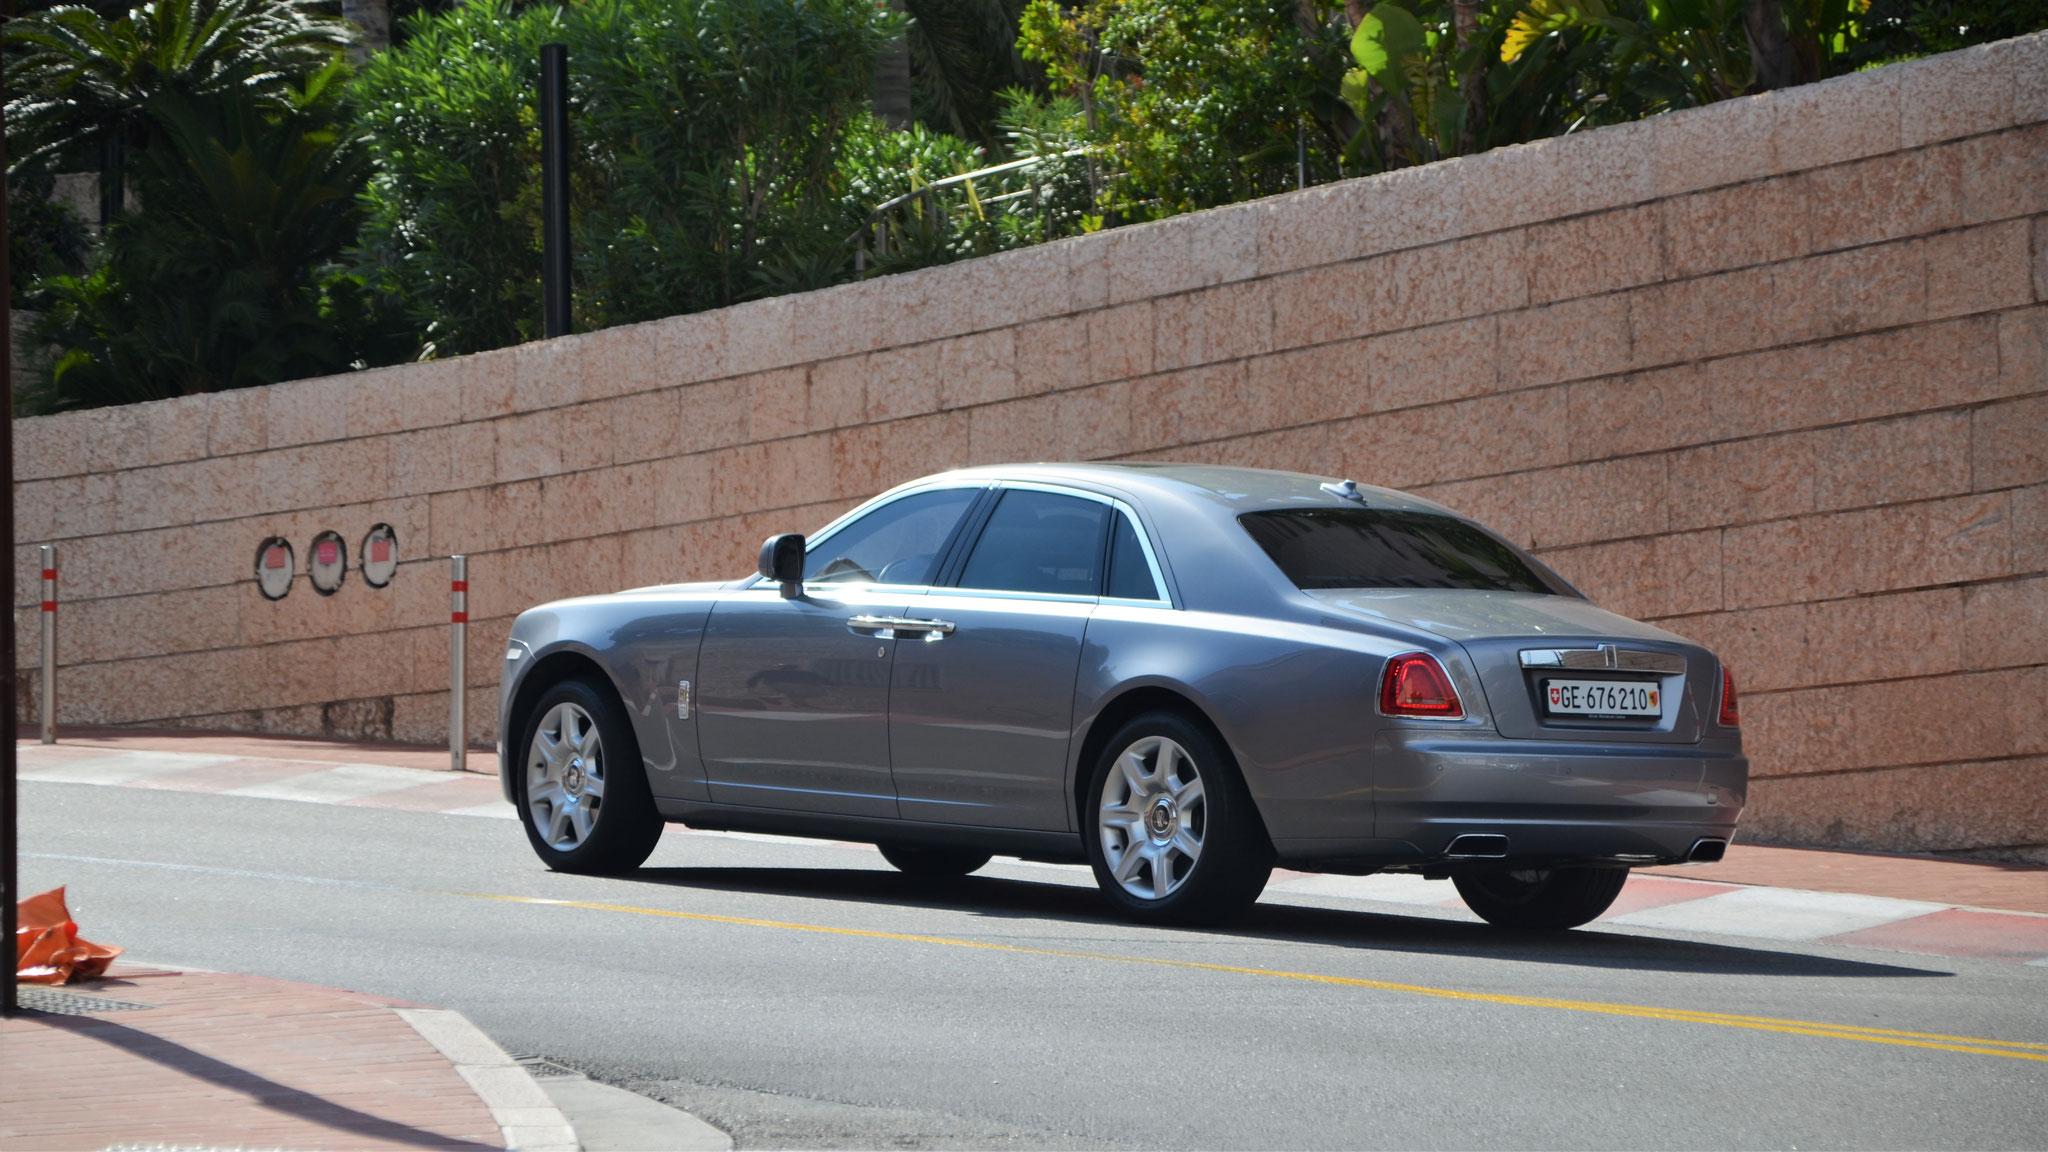 Rolls Royce Ghost Series II - GE-676210 (CH)